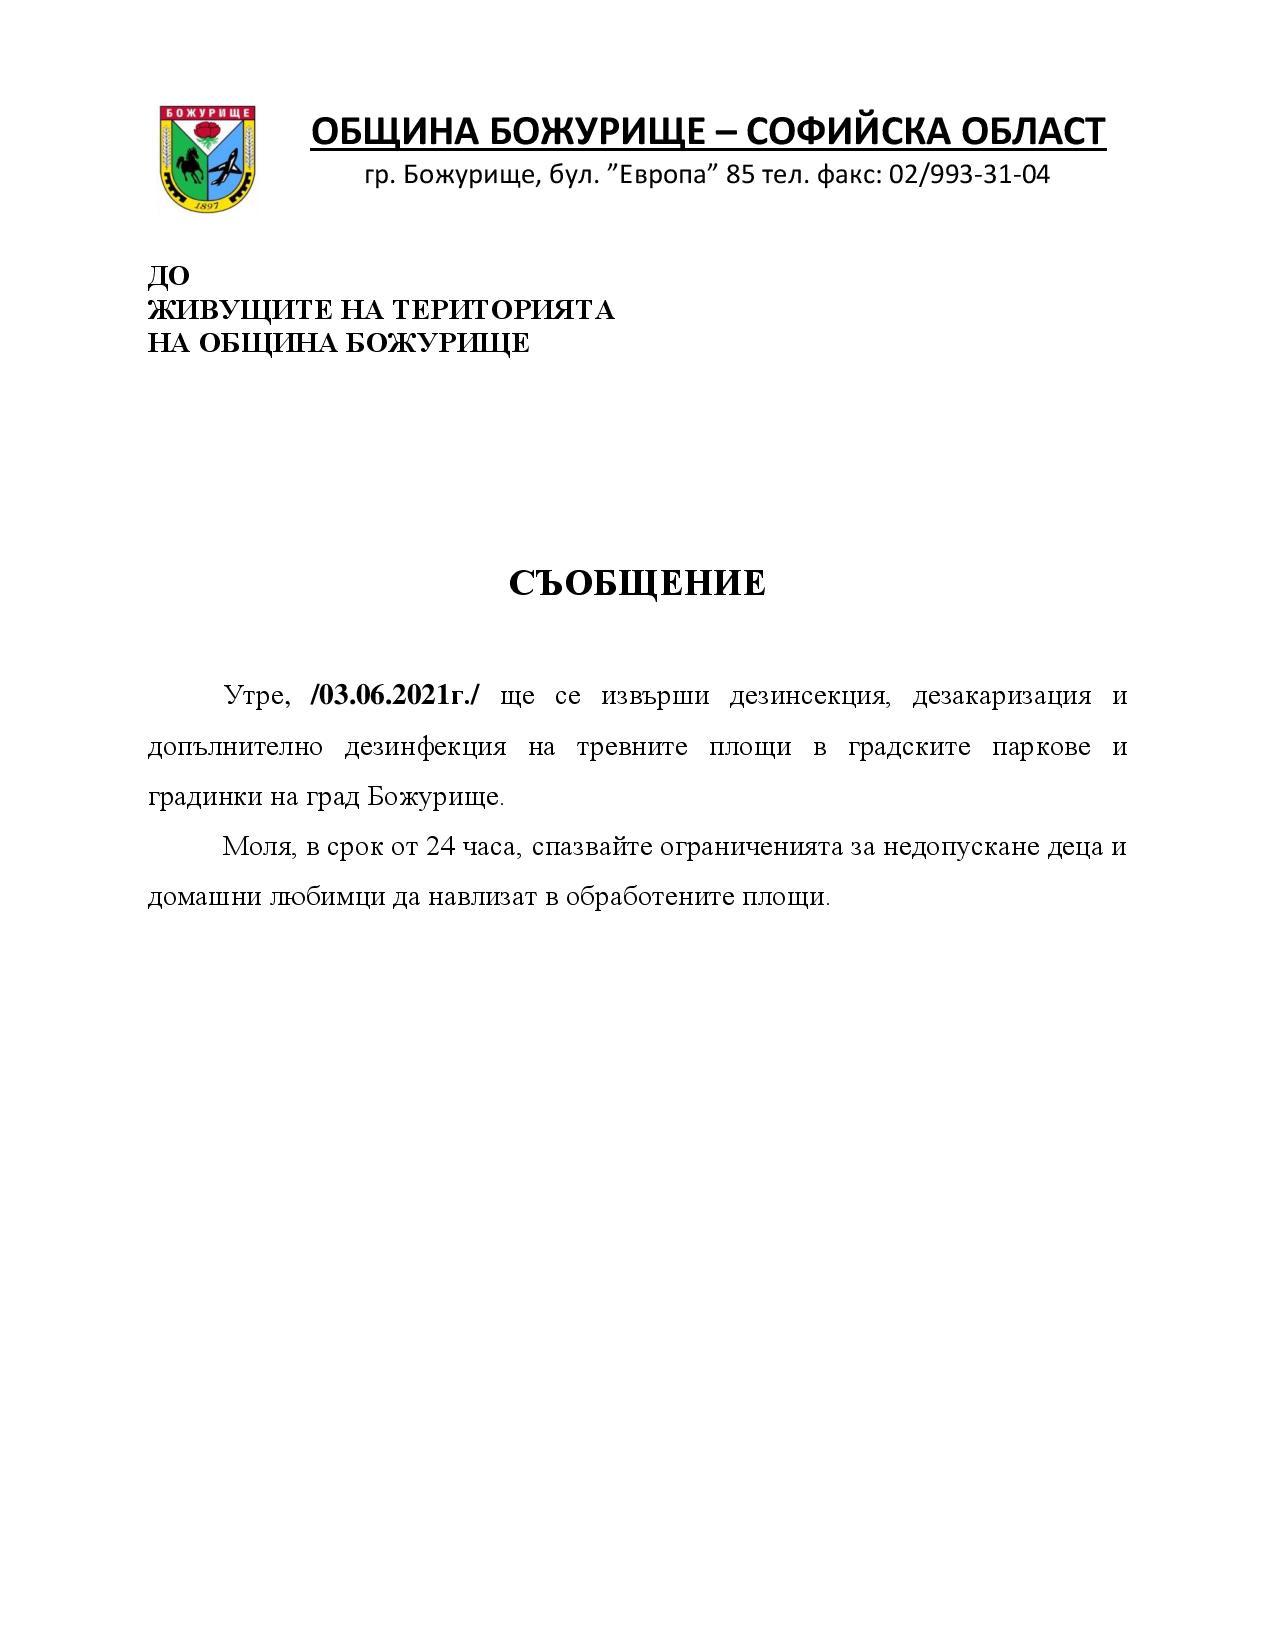 ОБЯВА за ДДД обработка-page-001